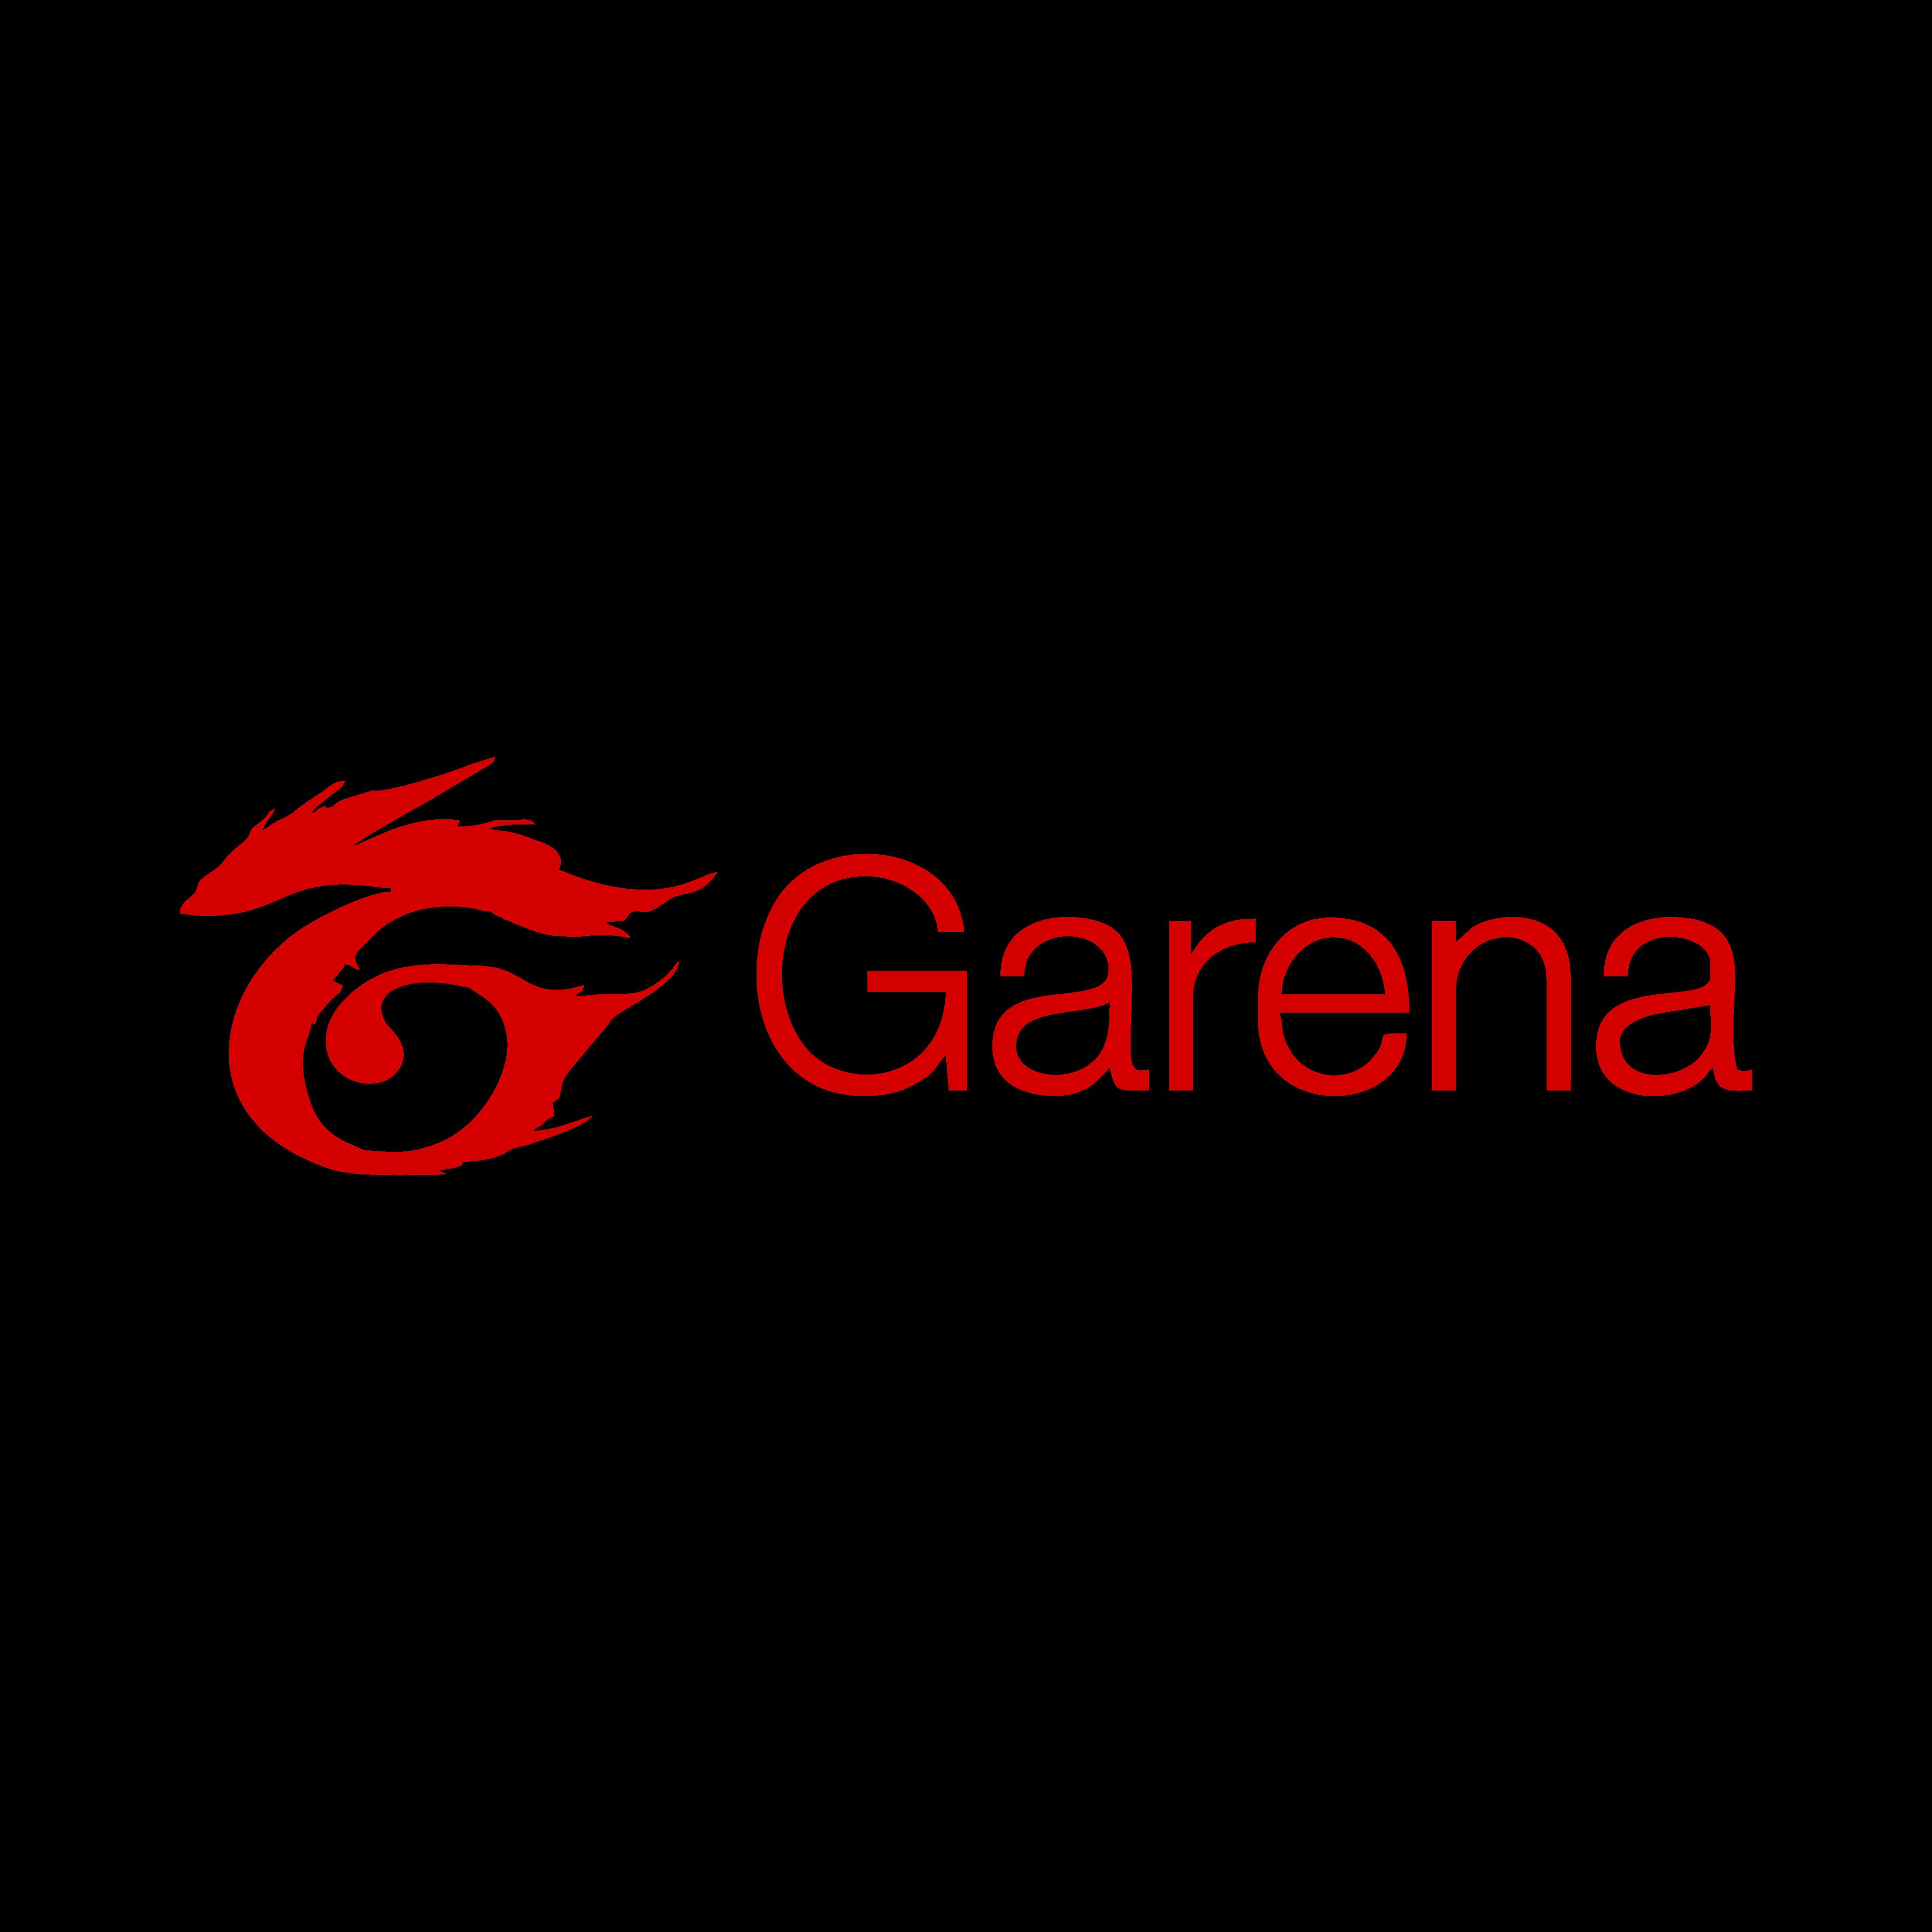 garena logo 0 - Garena Logo